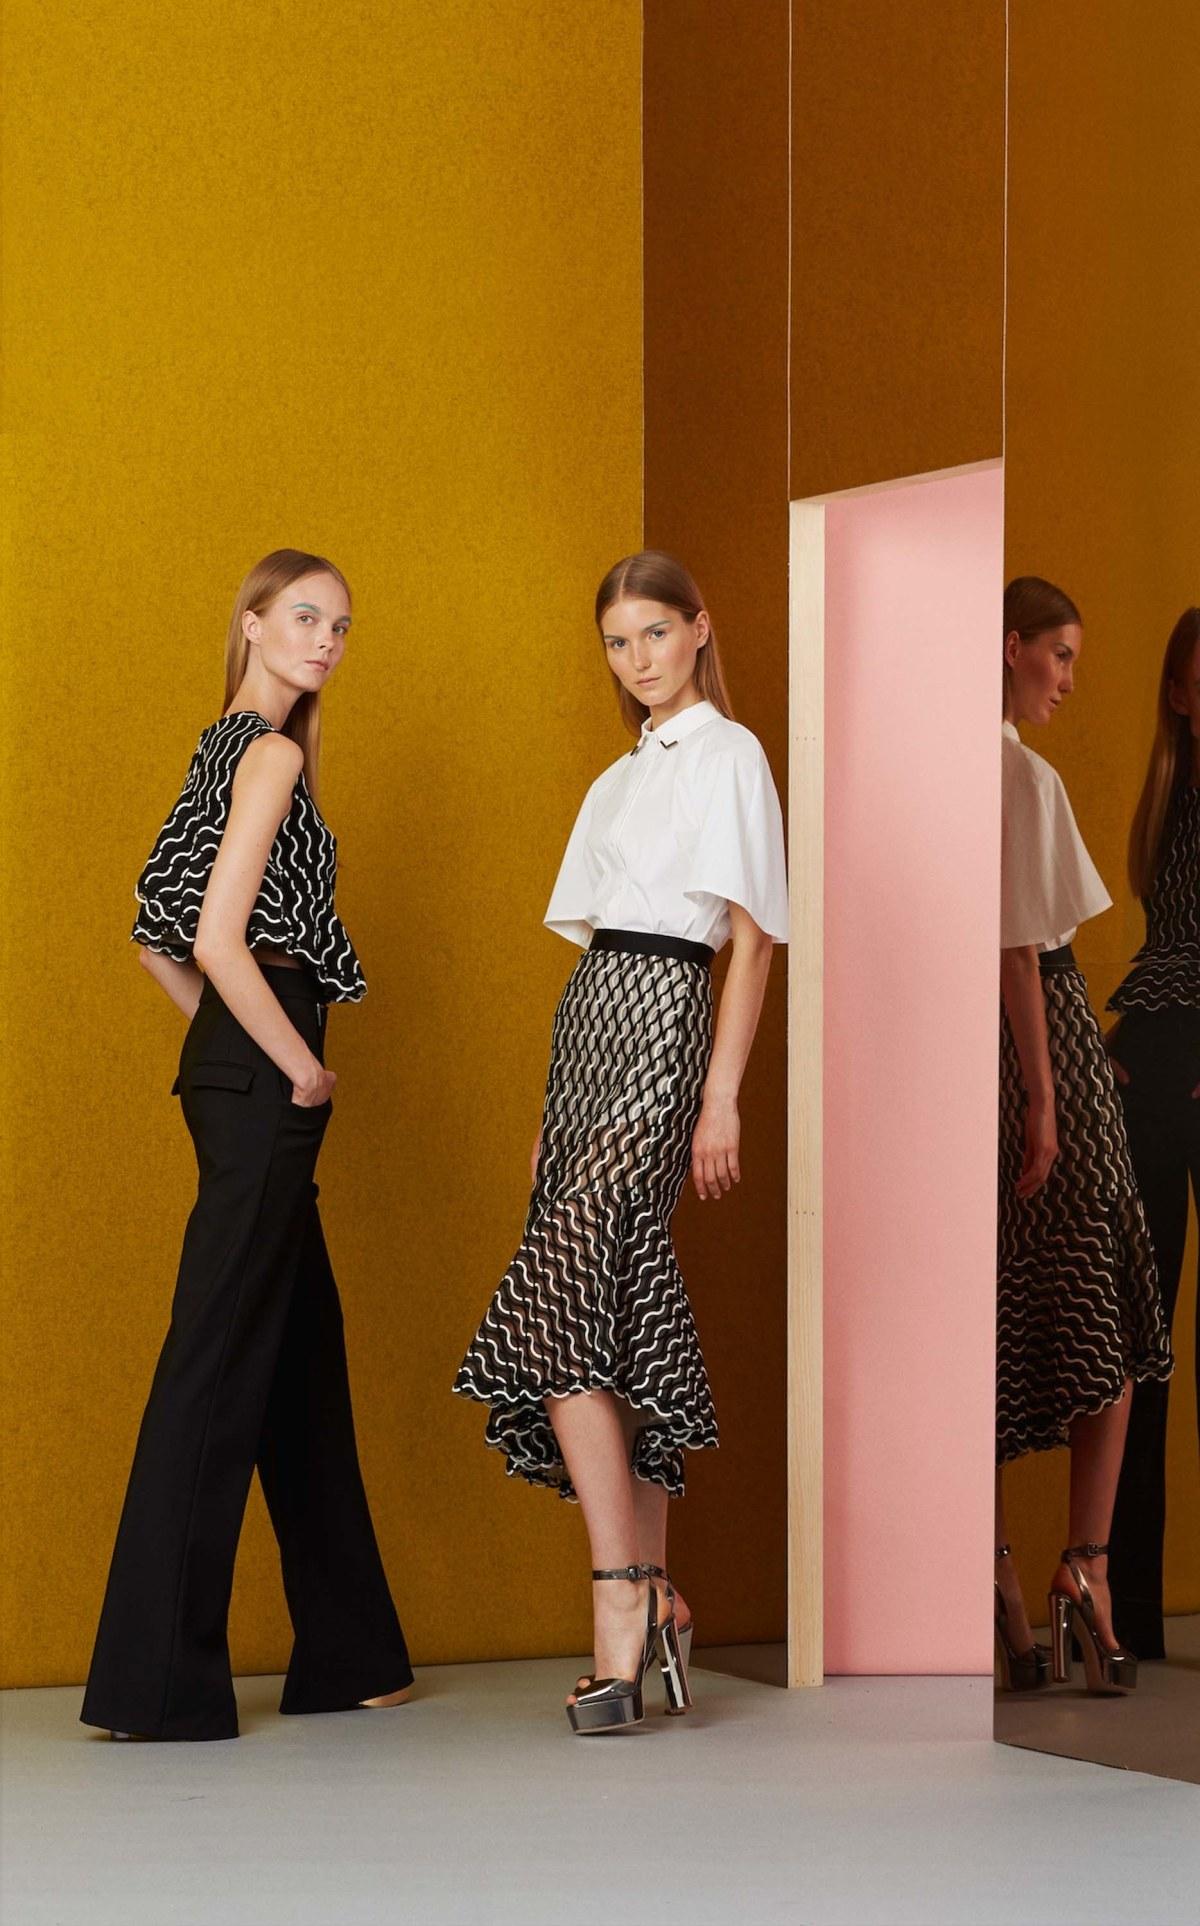 Lela-Rose-Resort-2017-fashion-show-the-impression-011